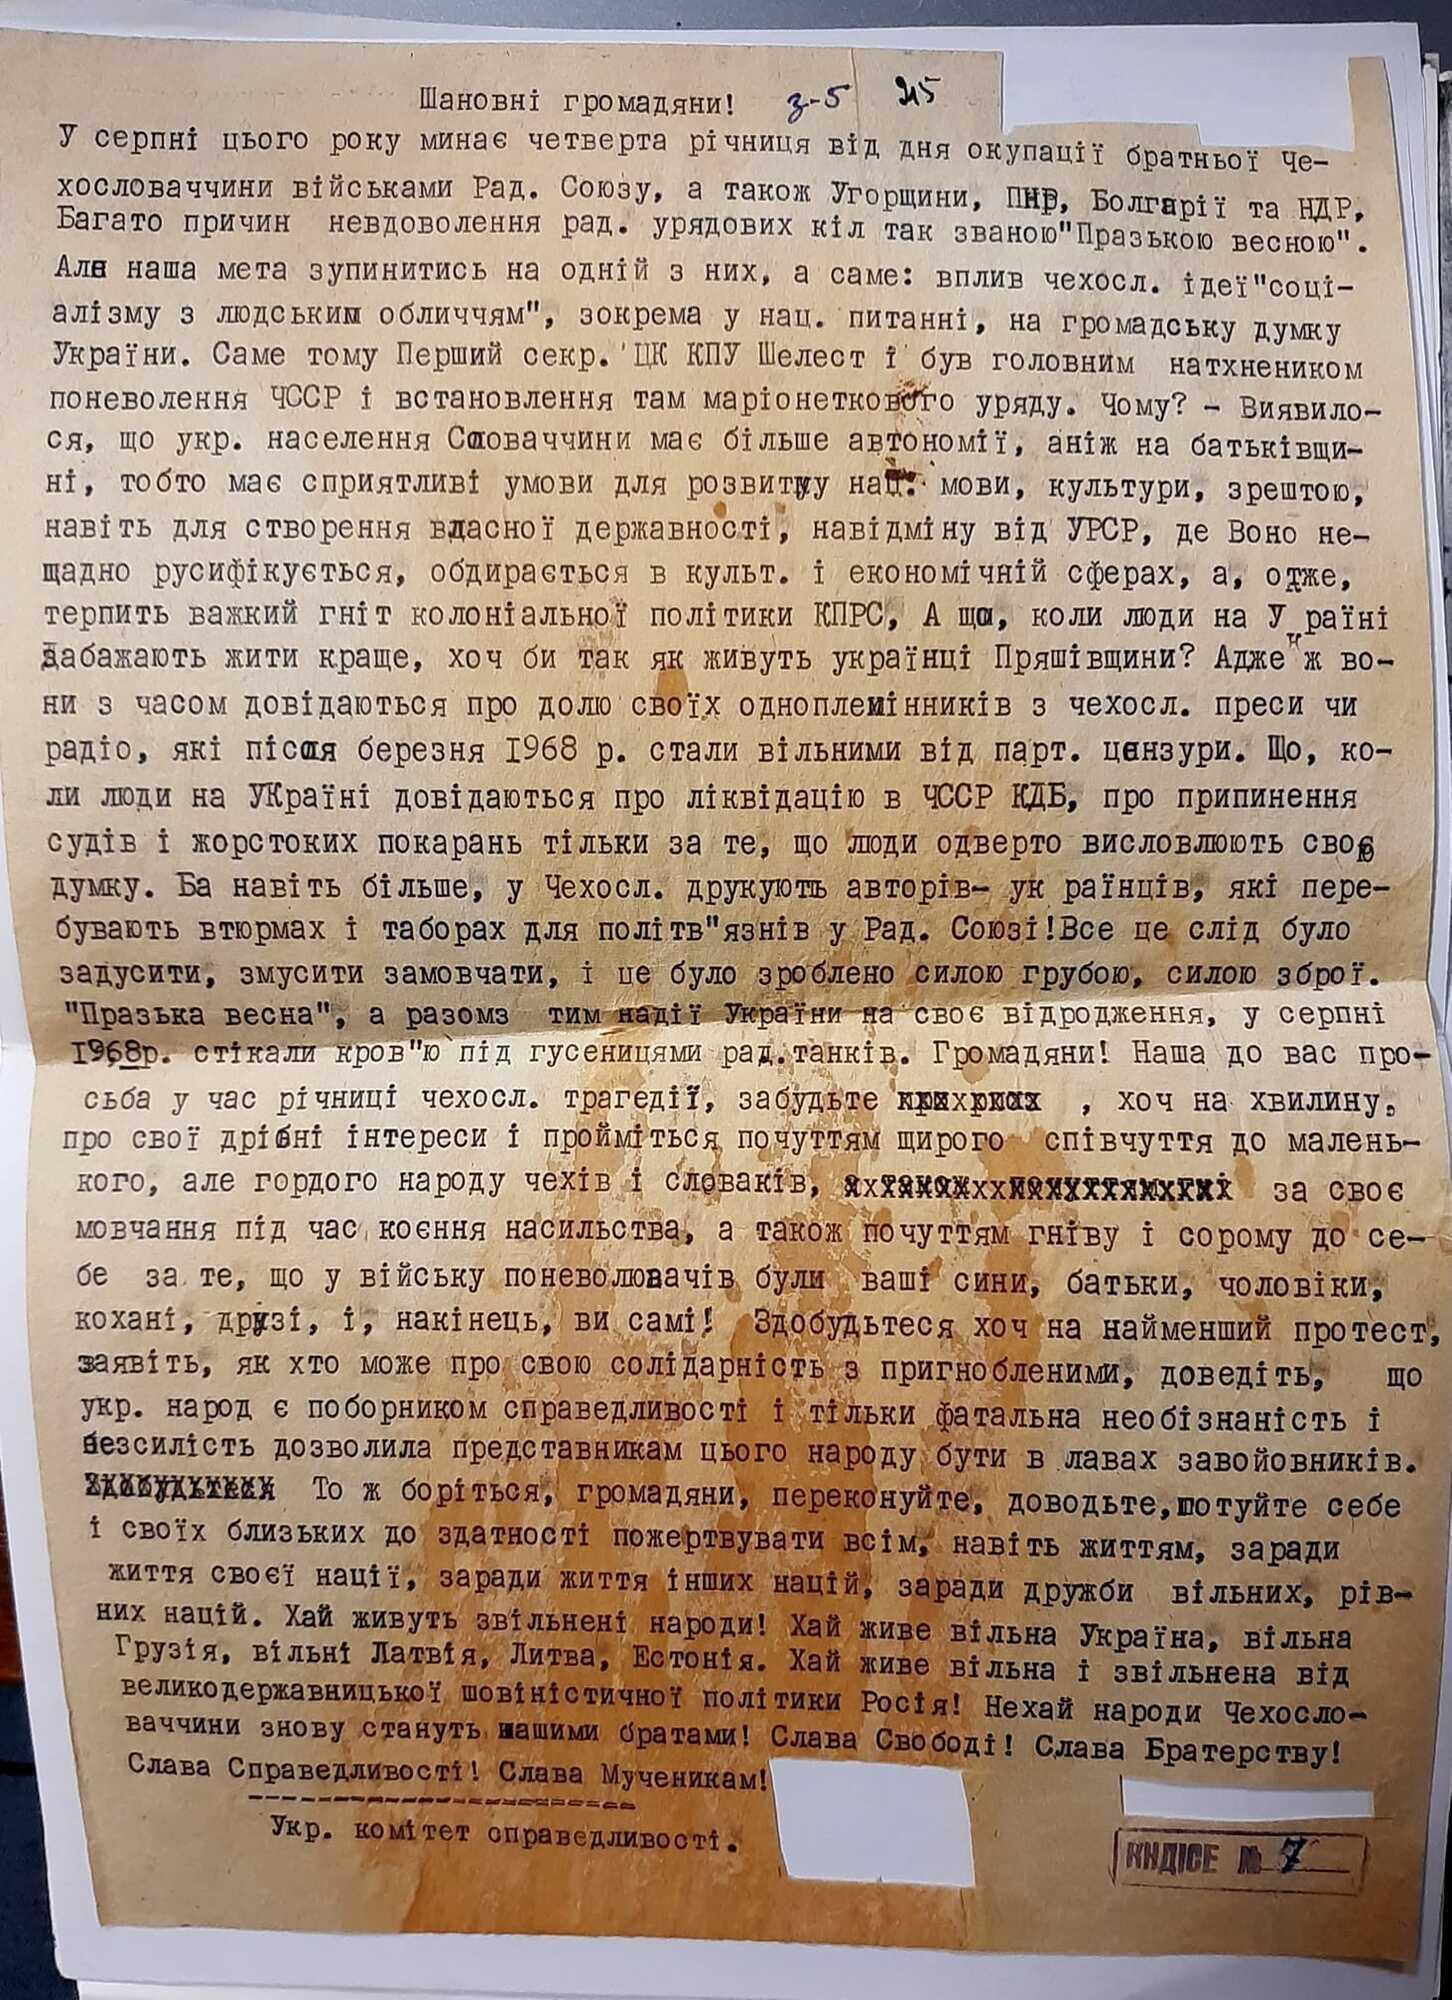 Боротьба з владою СРСР, документ